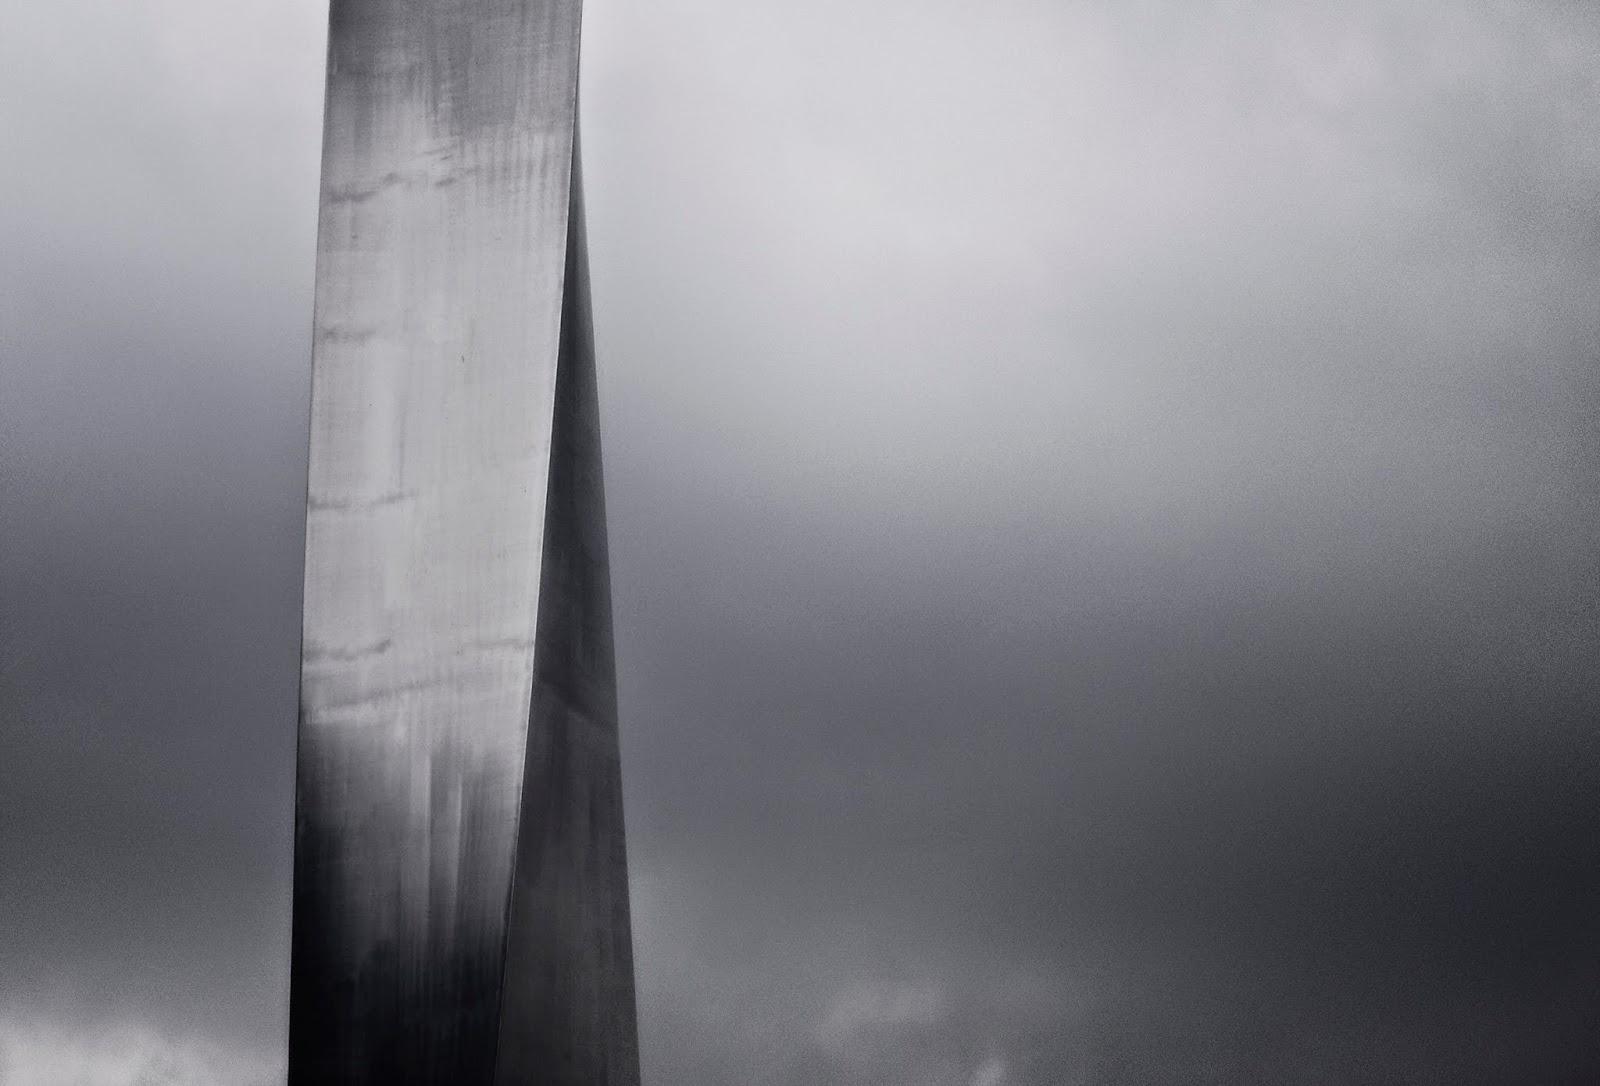 Metal Sculpture, Cloudy Sky